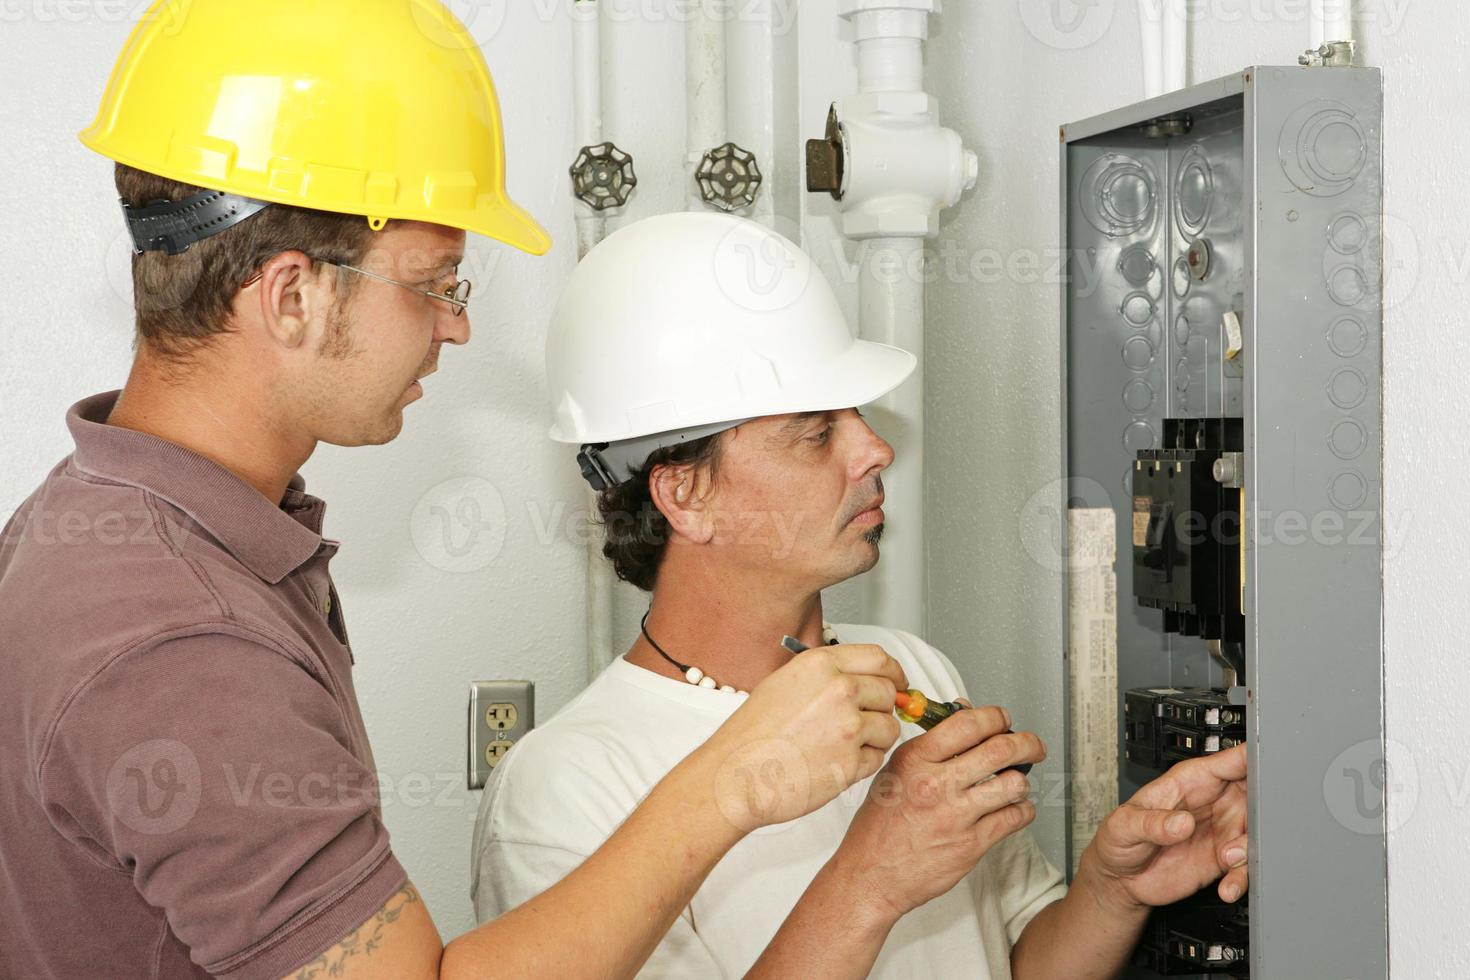 panel de cableado de electricistas foto